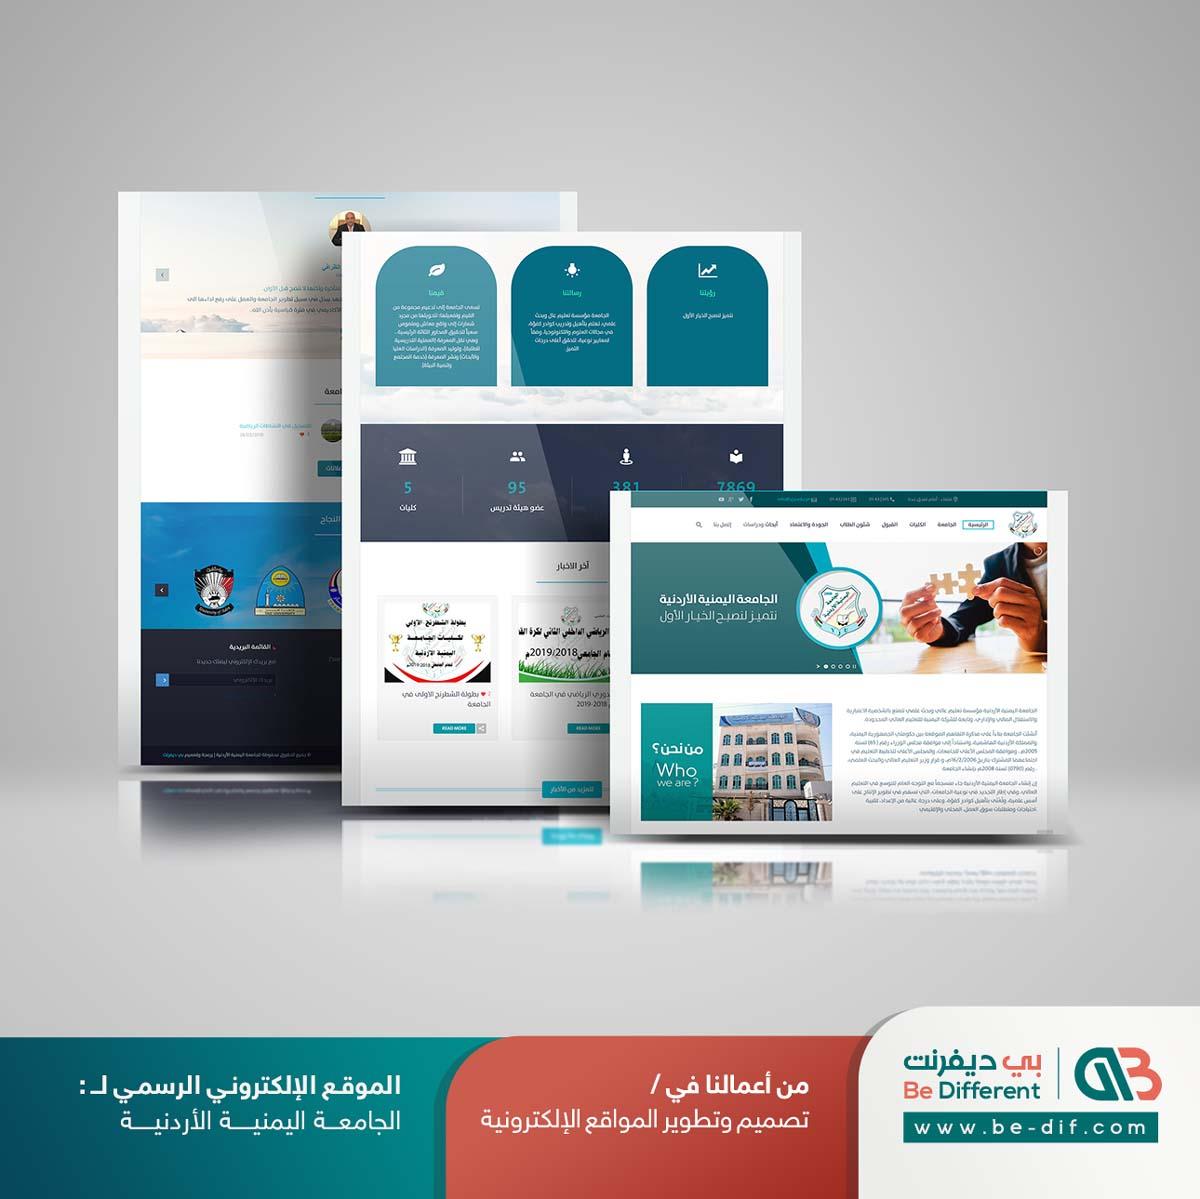 تصميم موقع جامعة اليمنية الاردنية من شركة بي ديفرنت تصميم موقع ويب - نظام التعليم الالكتروني عن بعد